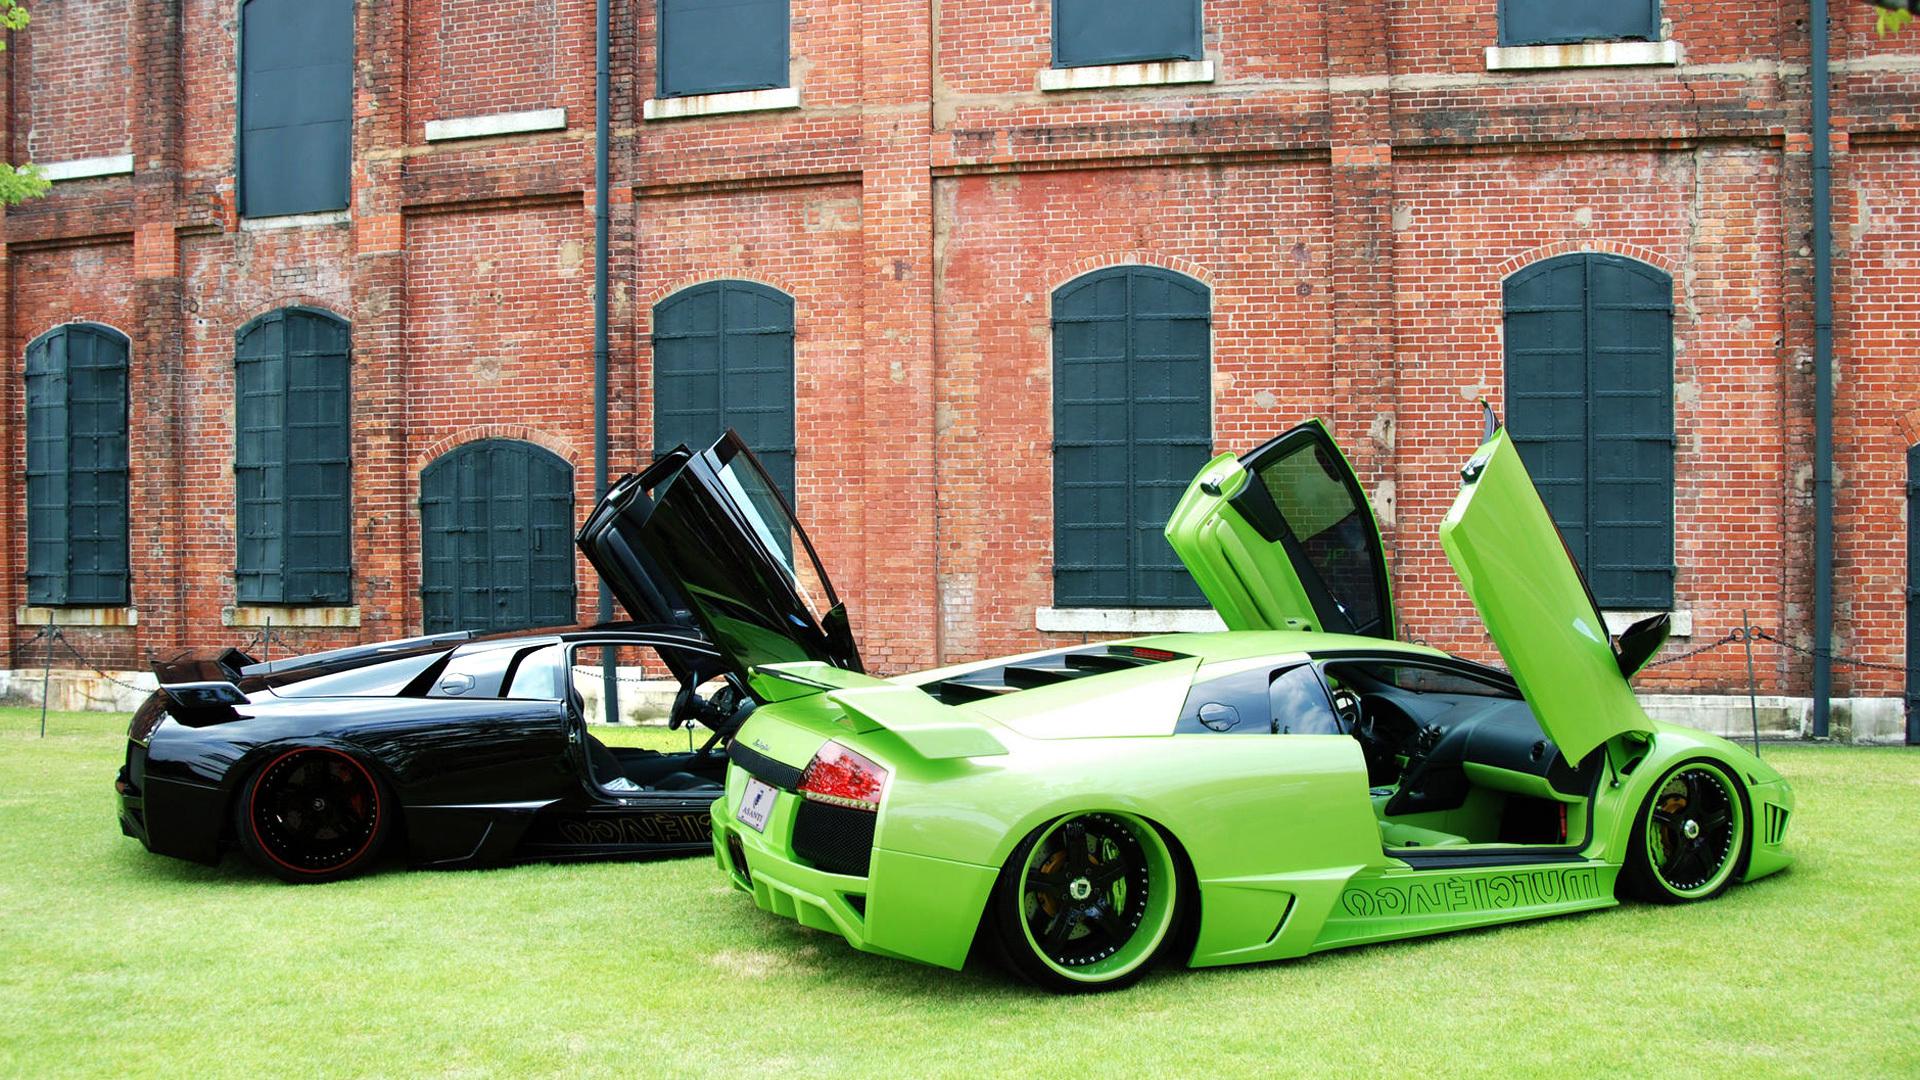 фото крутых машин на обои телефона известные